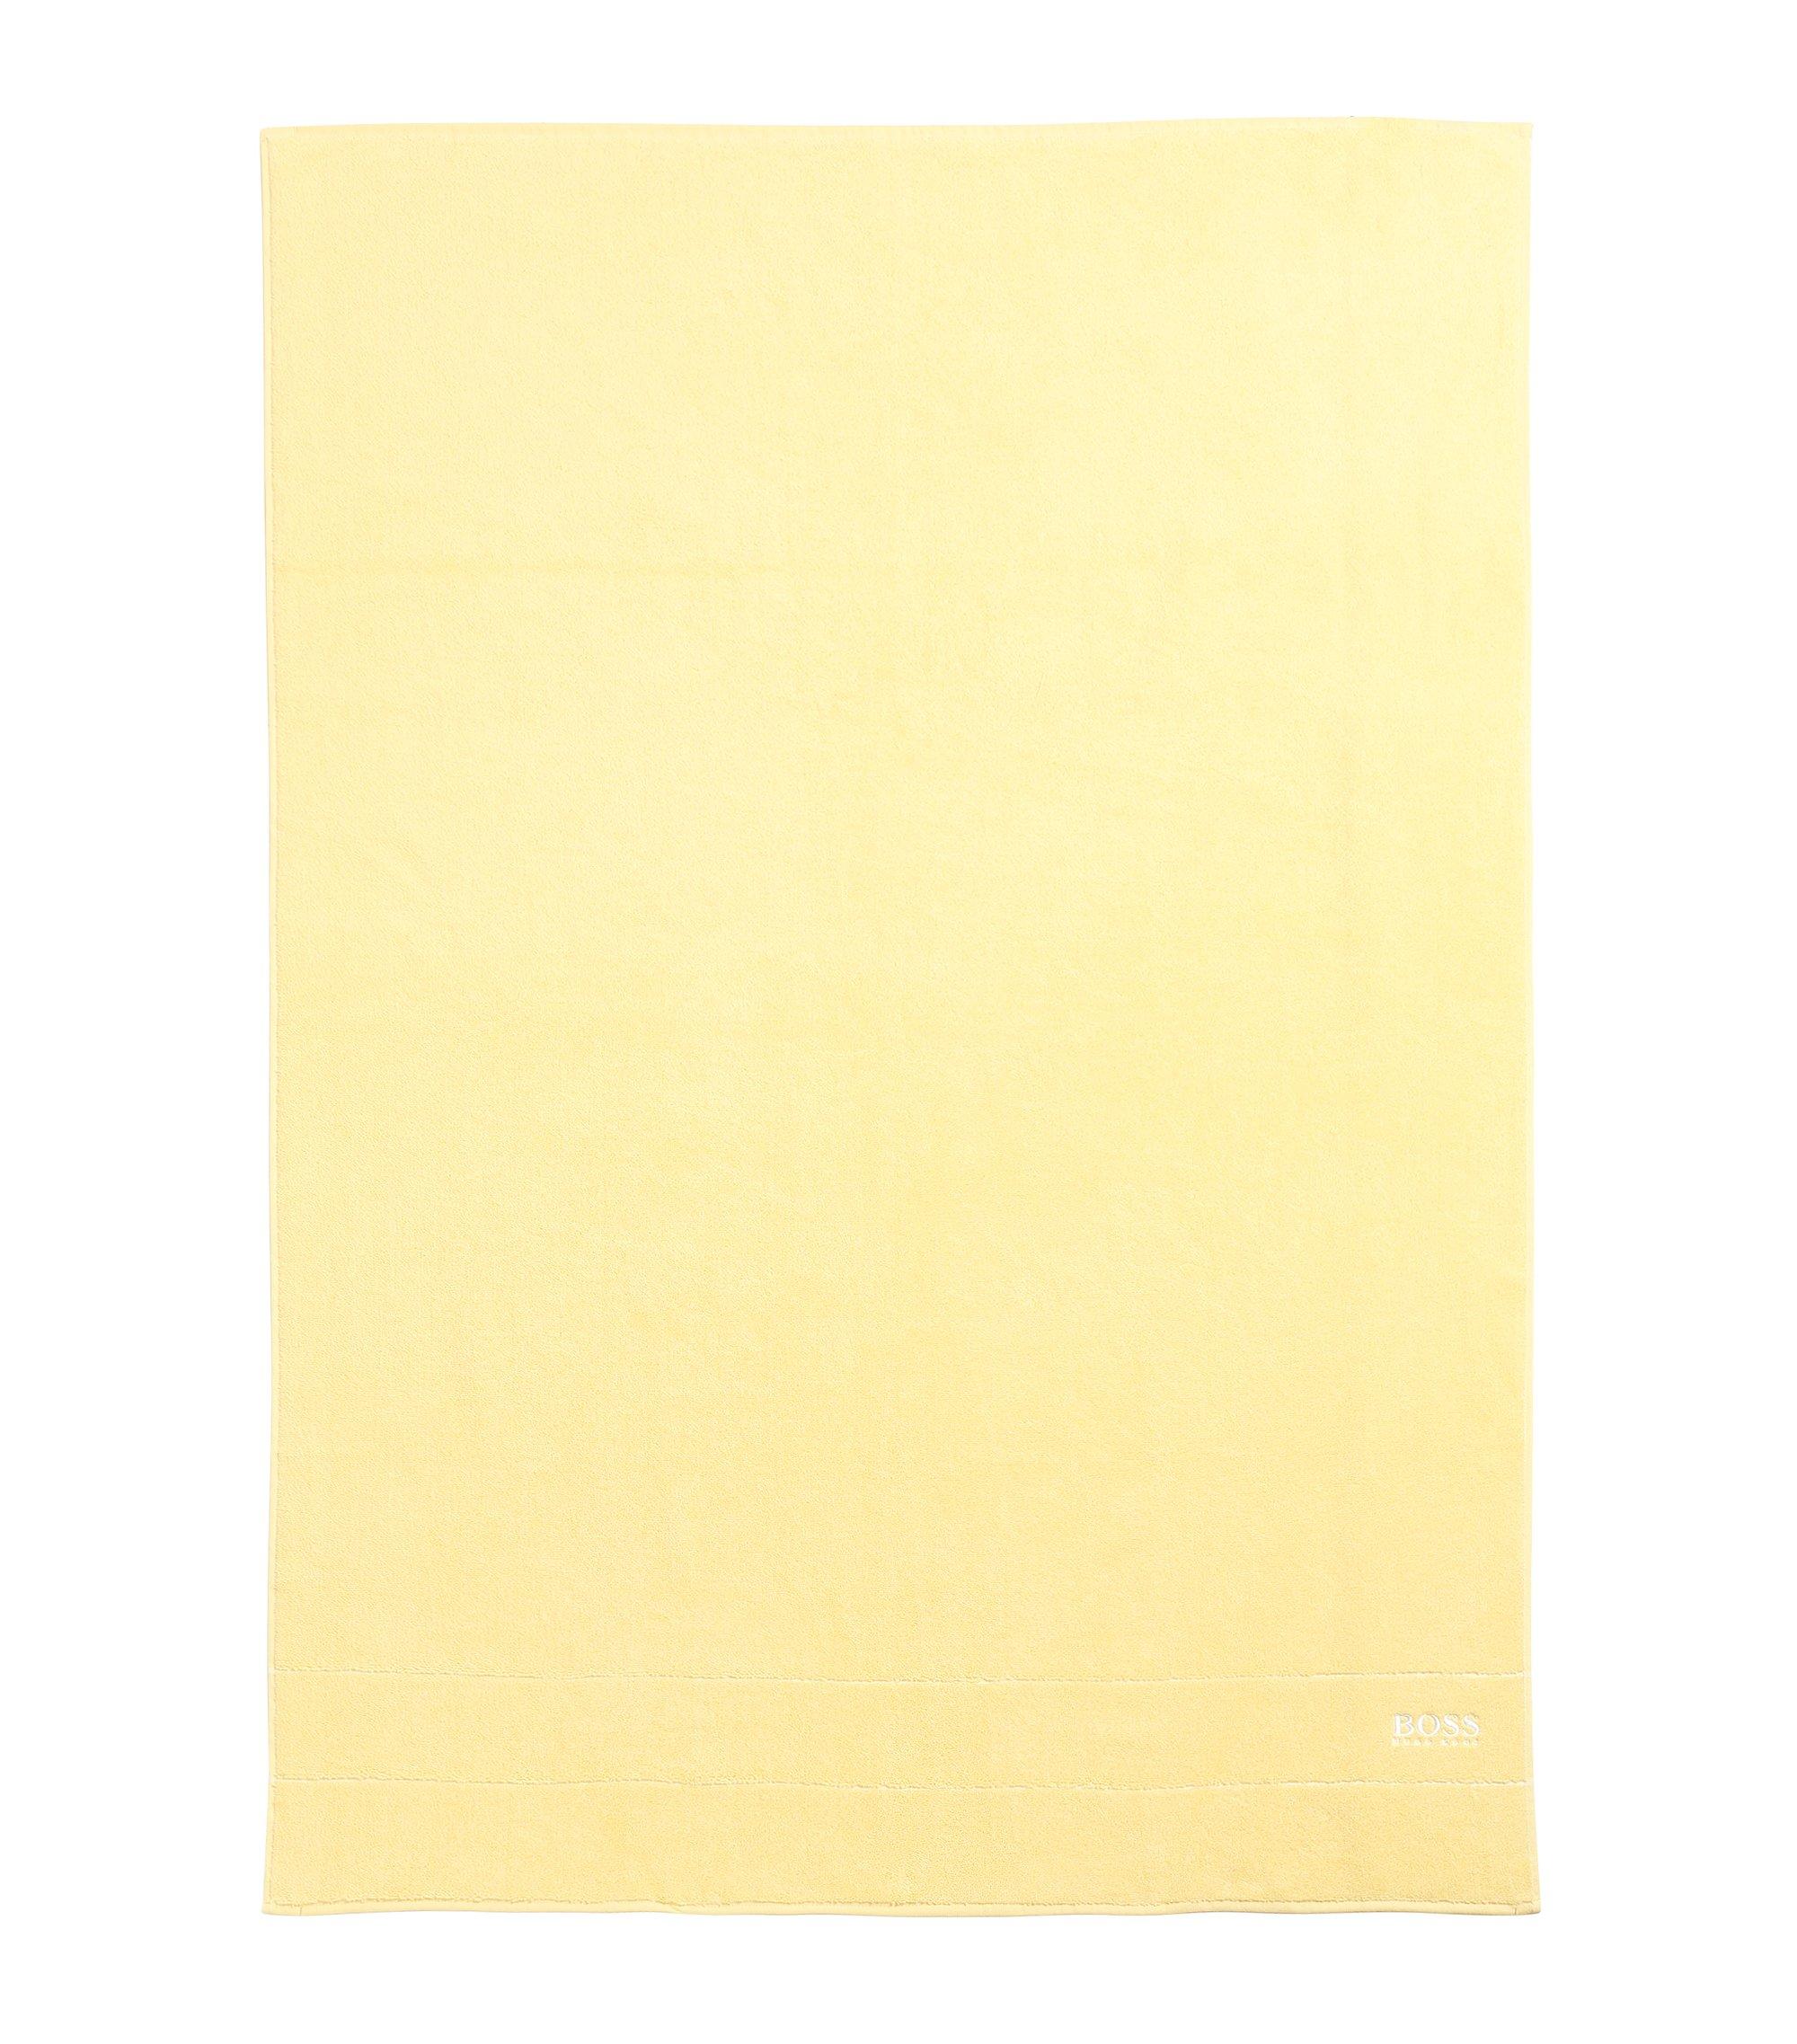 Toalla de baño extragrande en algodón egipcio de la máxima calidad con logo en el borde, Amarillo claro